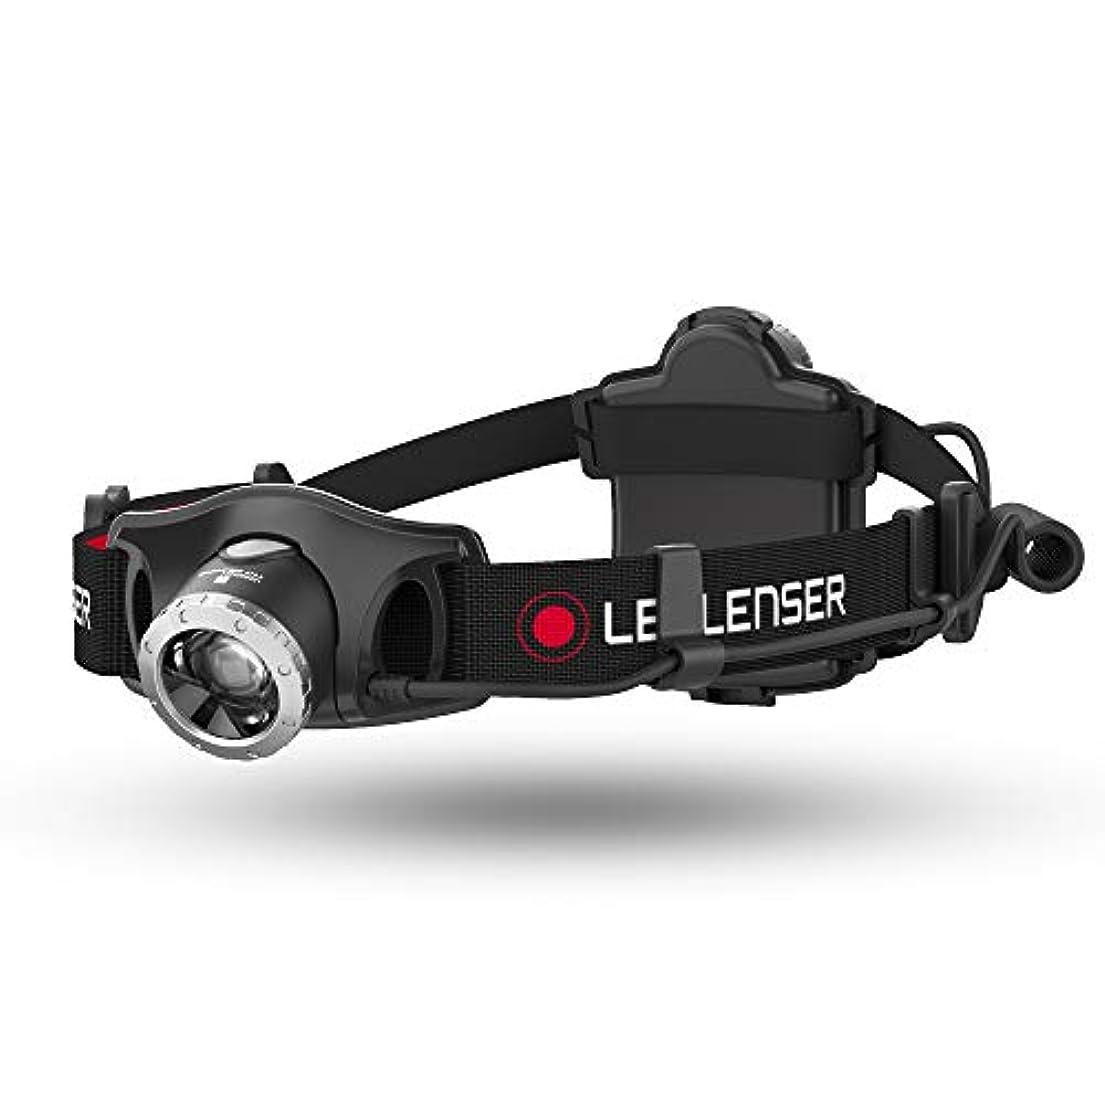 極端な合併海嶺Ledlenser(レッドレンザー) LEDヘッドライト H7R.2 防災/作業用 【明るさ約300ルーメン】 【最長7年保証】 充電式/単4乾電池(AAA) x4本 [日本正規品] 7298